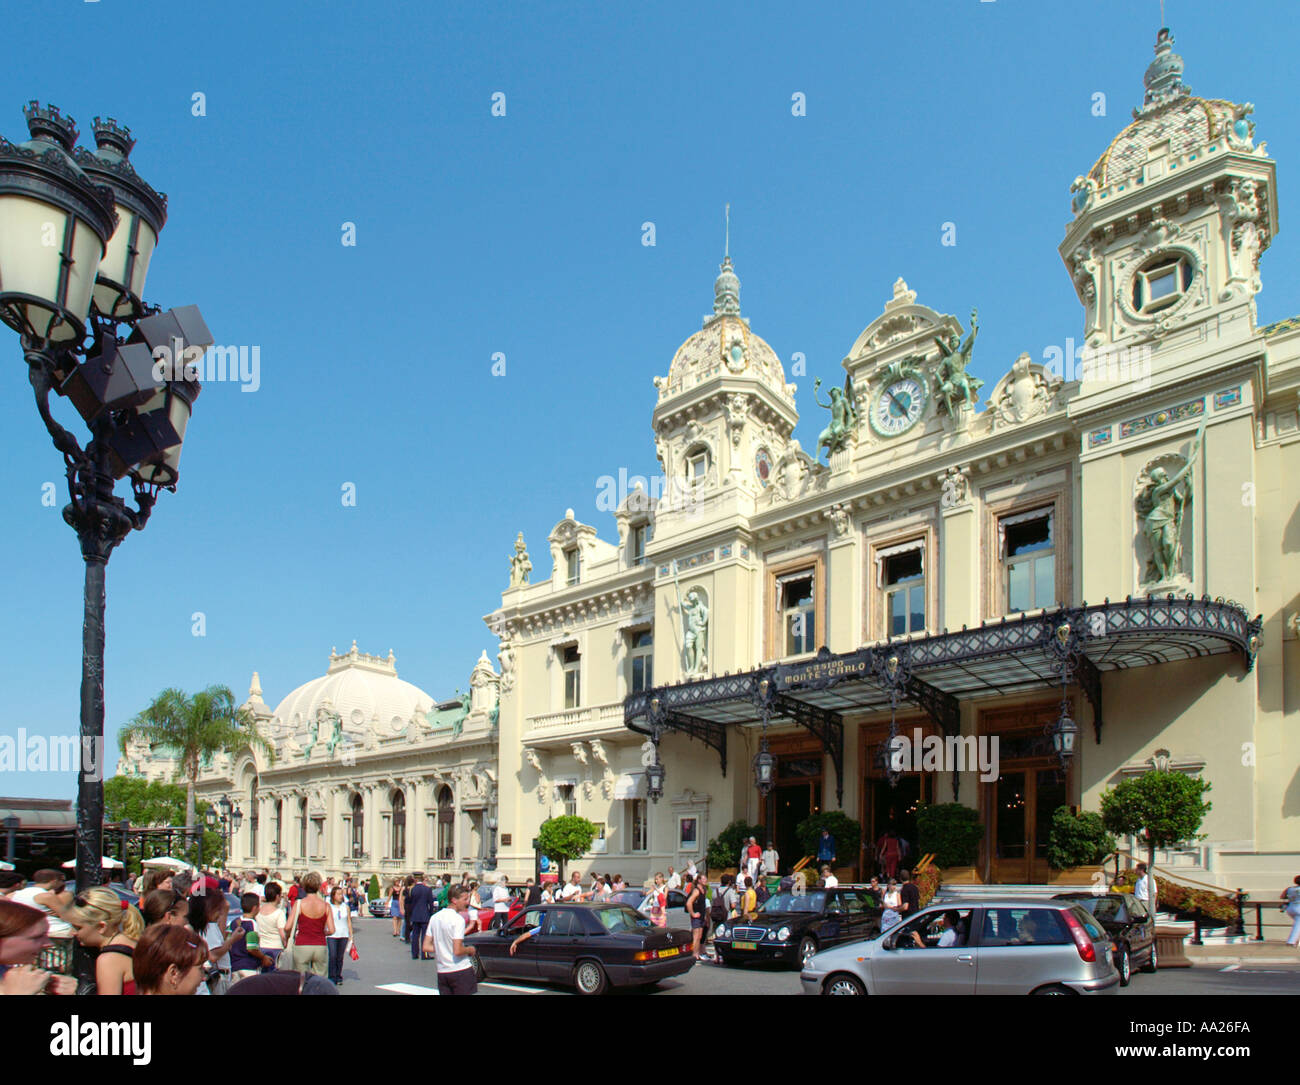 Grand Casino, Monte Carlo, Monaco - Stock Image